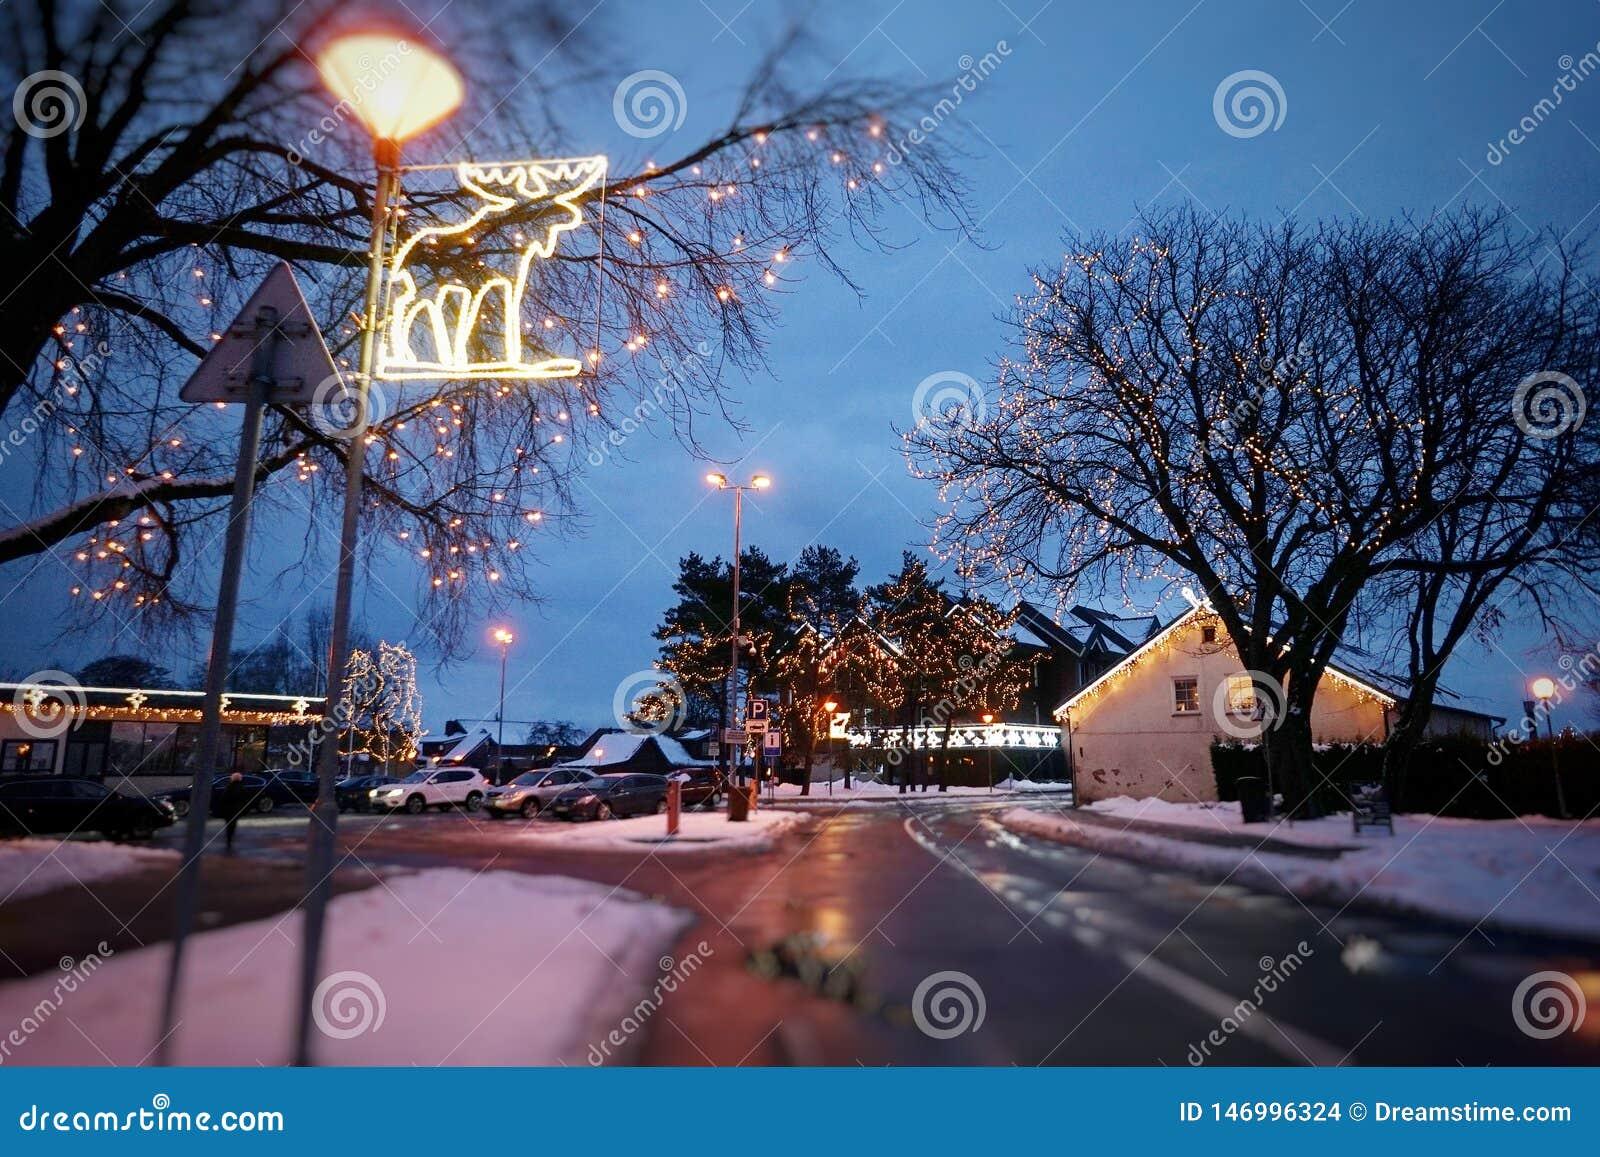 Nida City in Litouwen, tijdens de periode van Kerstmis